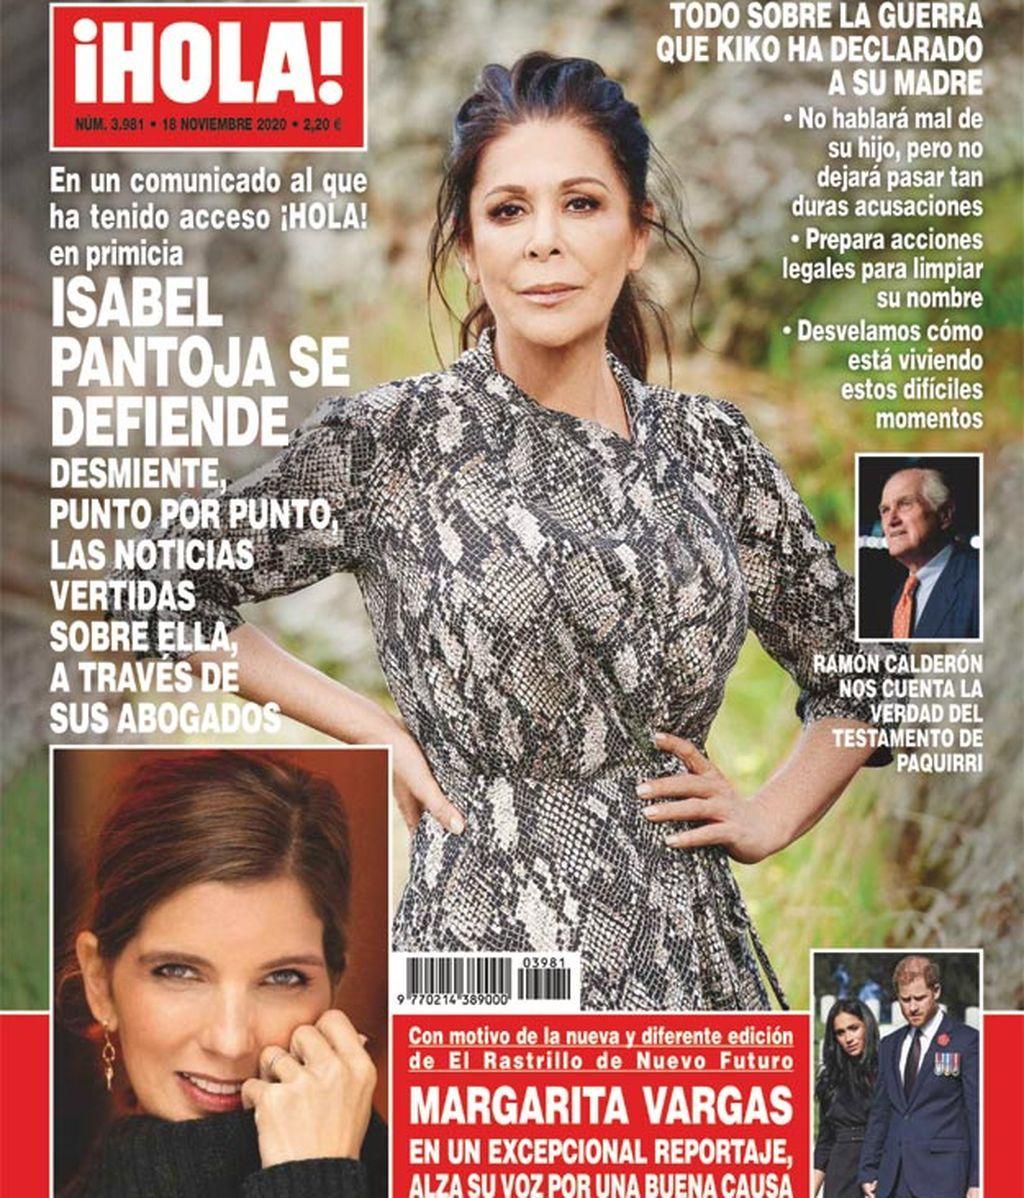 Isabel Pantoja, en la portada de ¡Hola! del 11 de noviembre de 2020